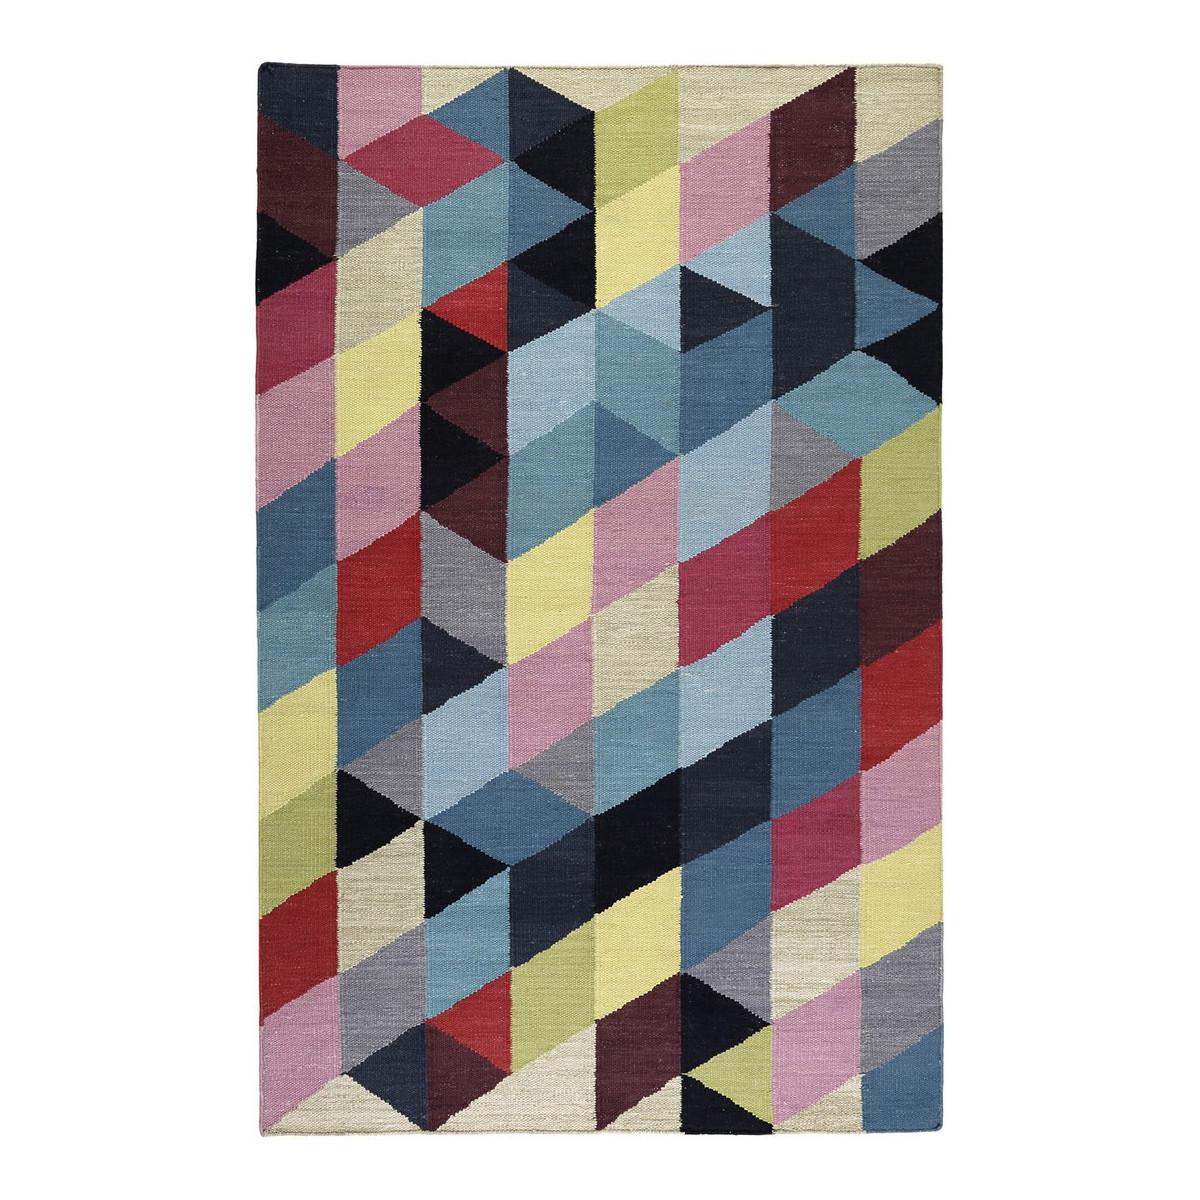 Tapis géométrique naturel en coton multicolore 80x150